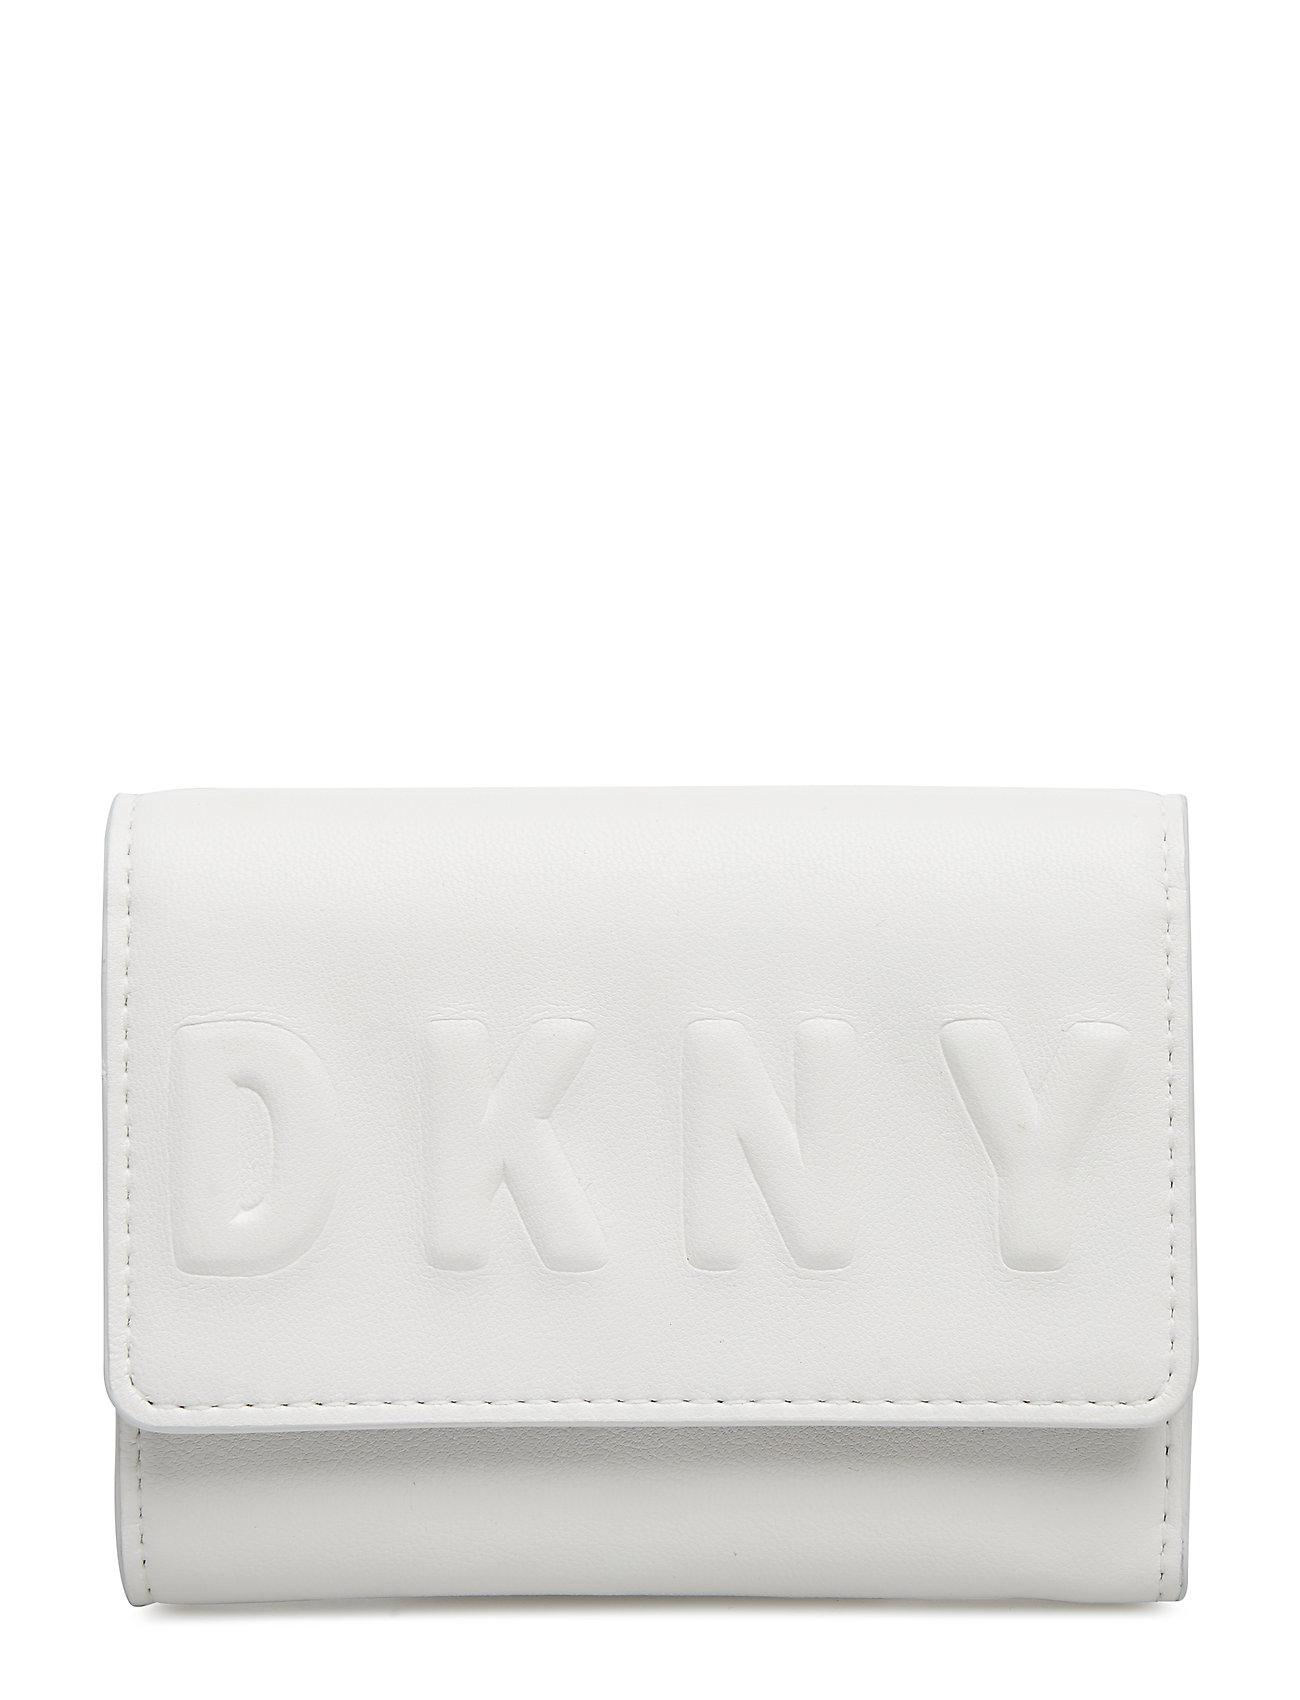 DKNY Bags SLG-TILLY